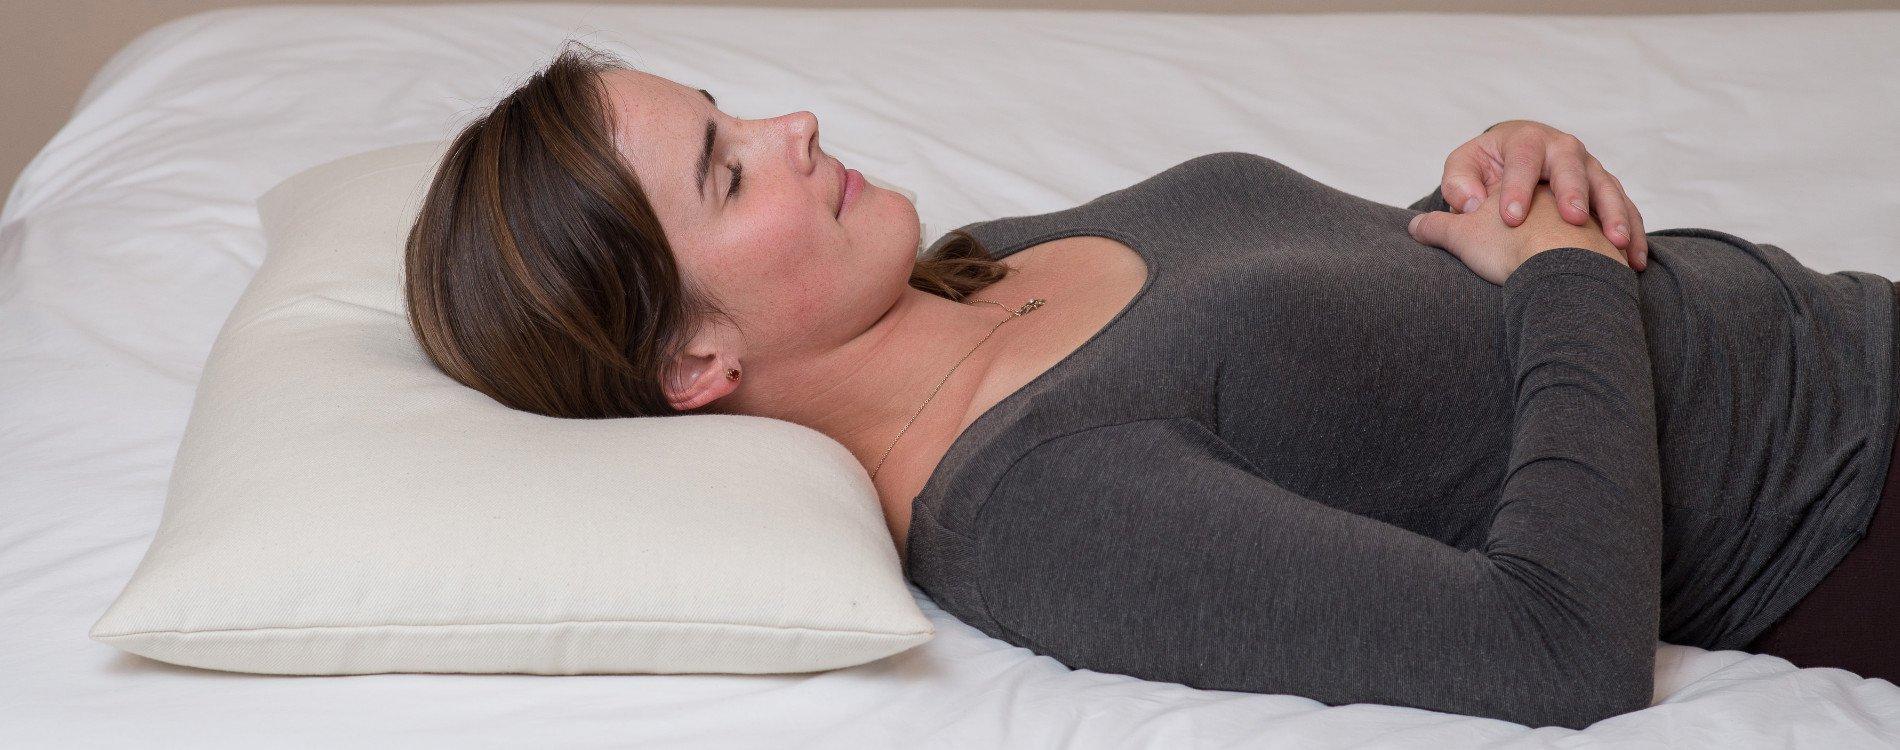 سینه هایی سالم ، زیبا و جذاب با هشت توصیه ساده اما بسیار مفید برای بانوان